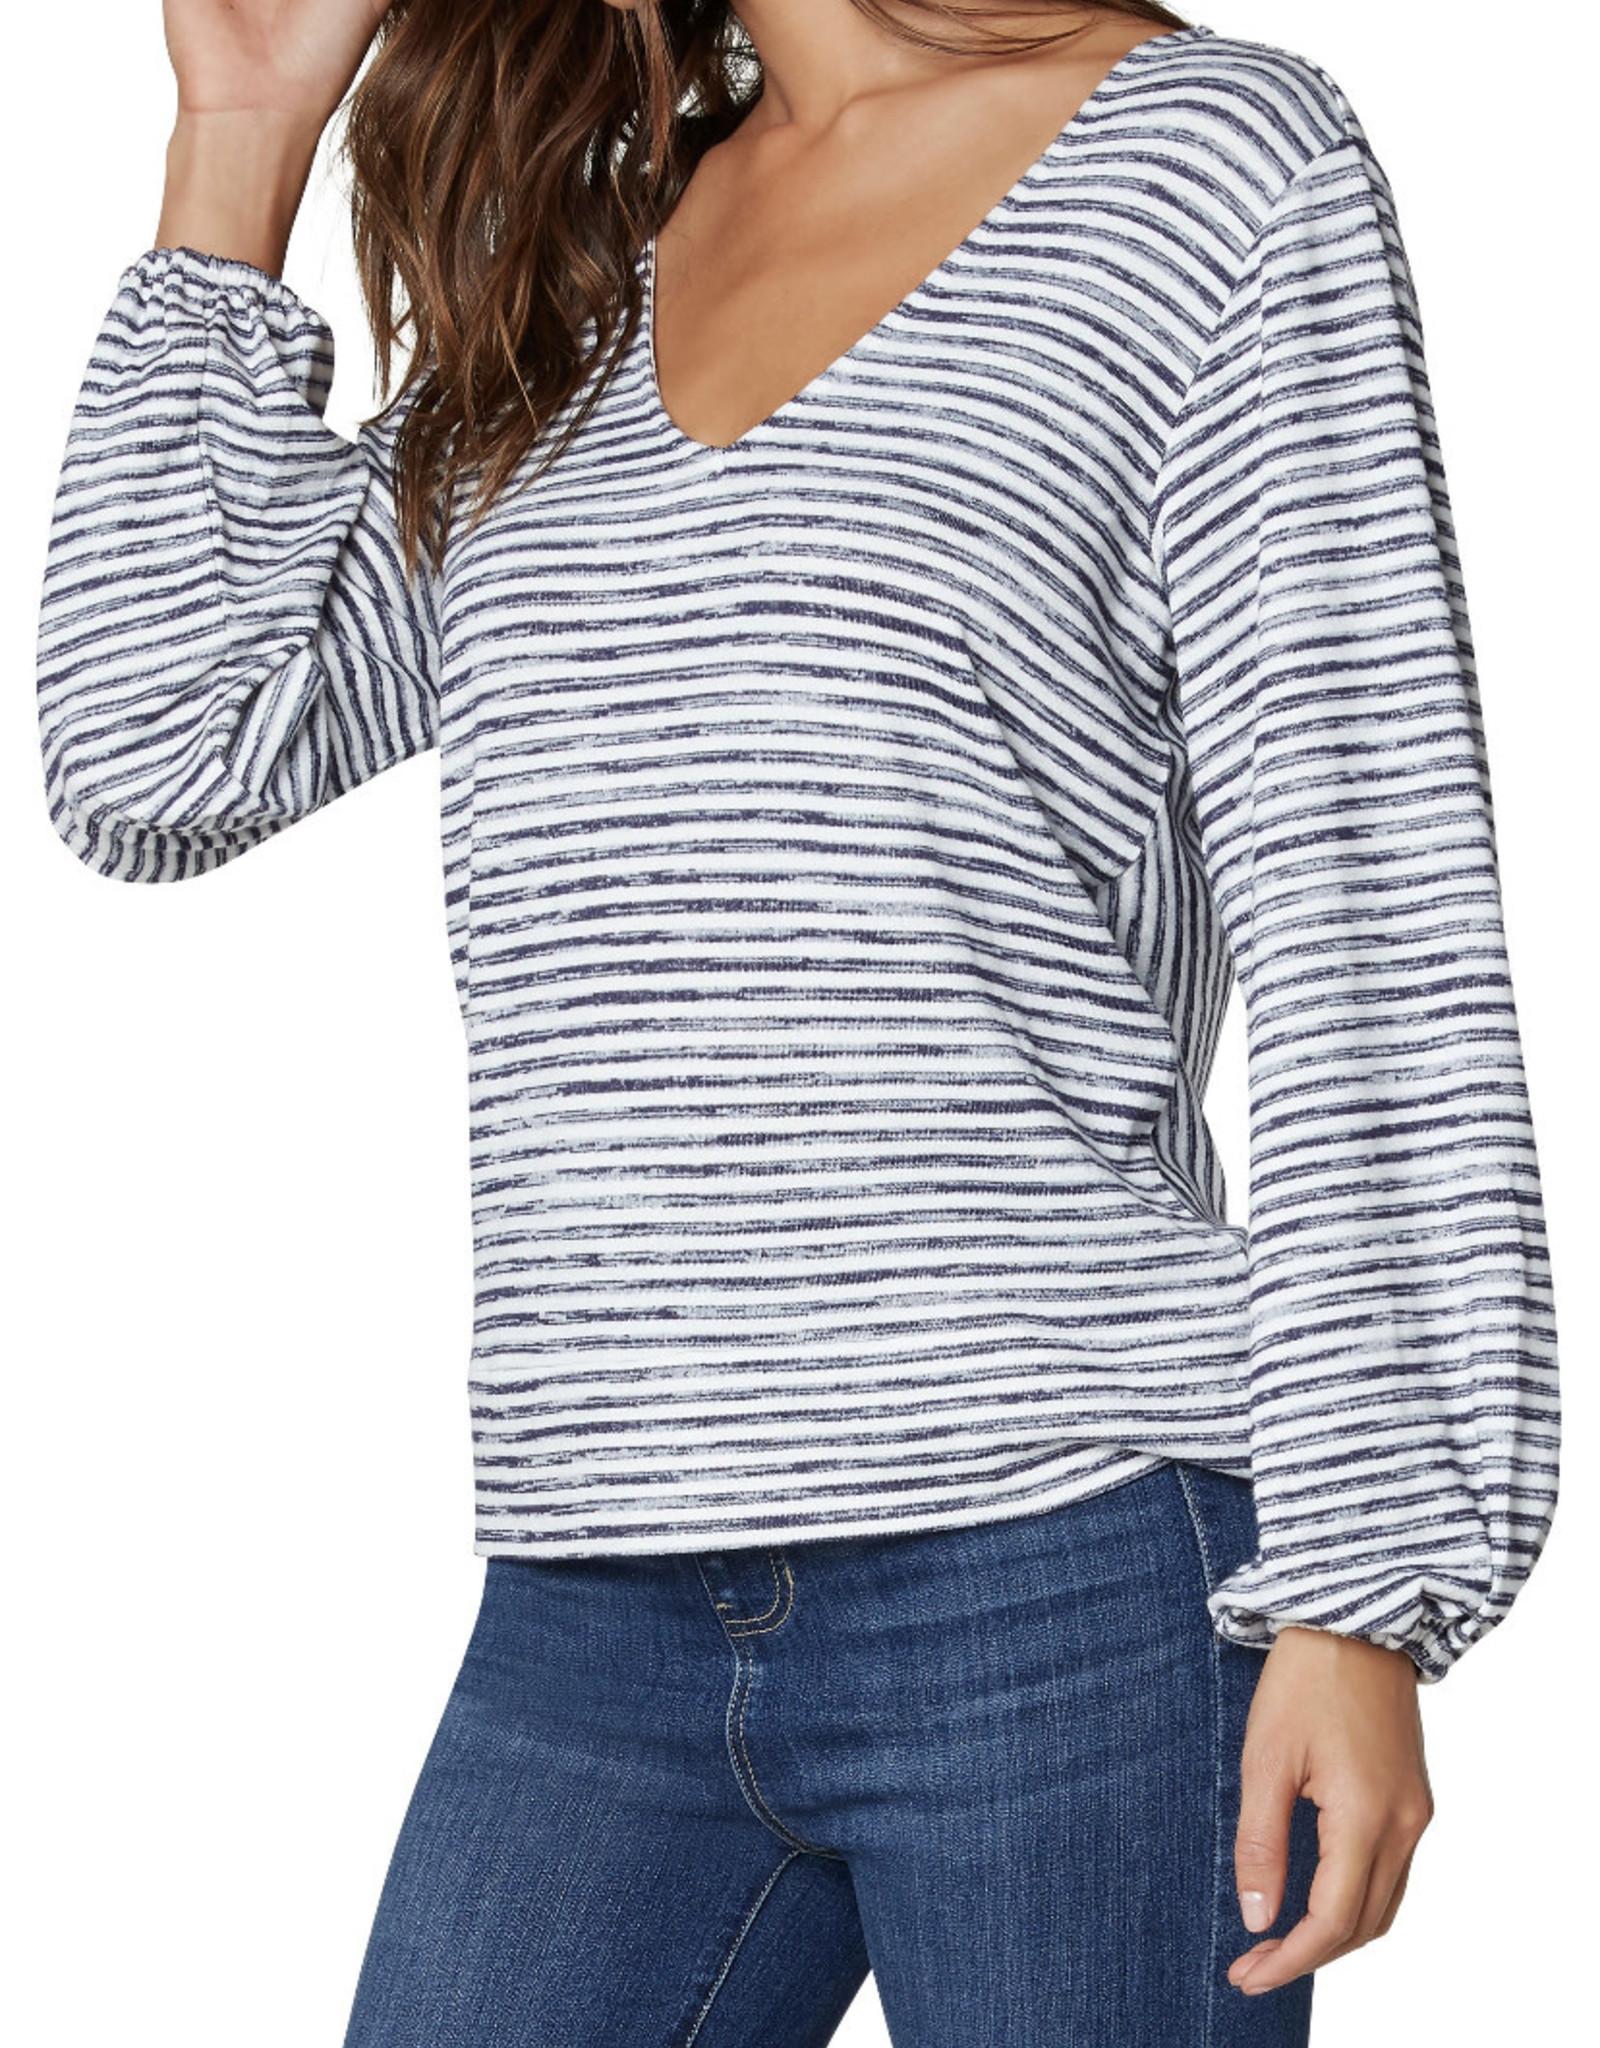 Liverpool Twist back l/s knit top